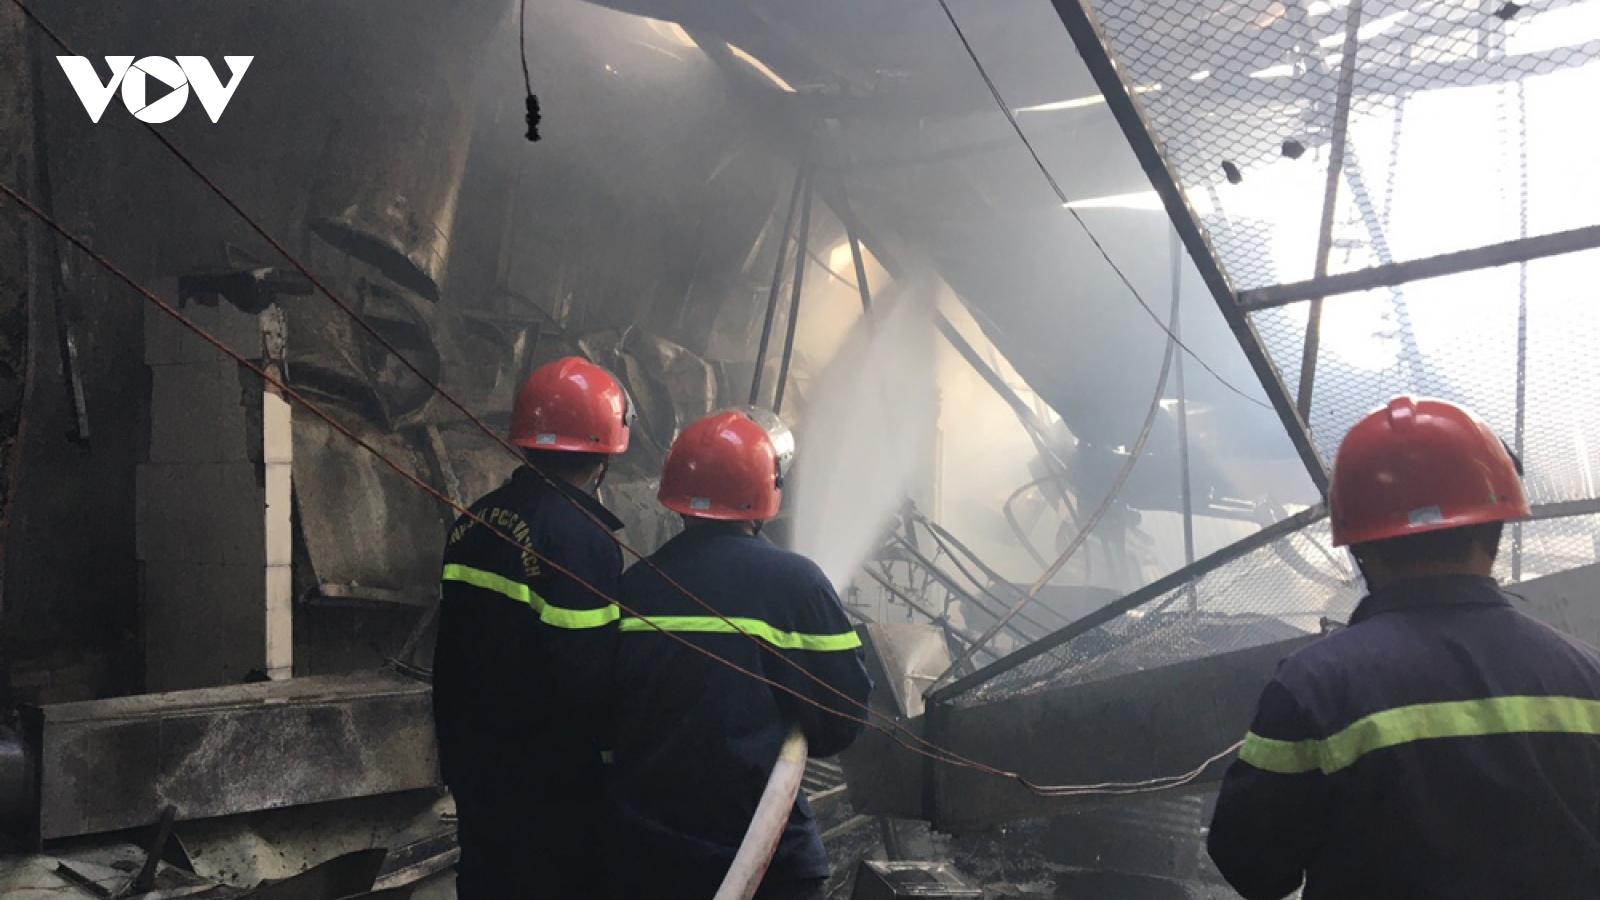 Khống chế kịp thời vụ cháy tại công ty sản xuất đồ gỗ ở Bình Dương